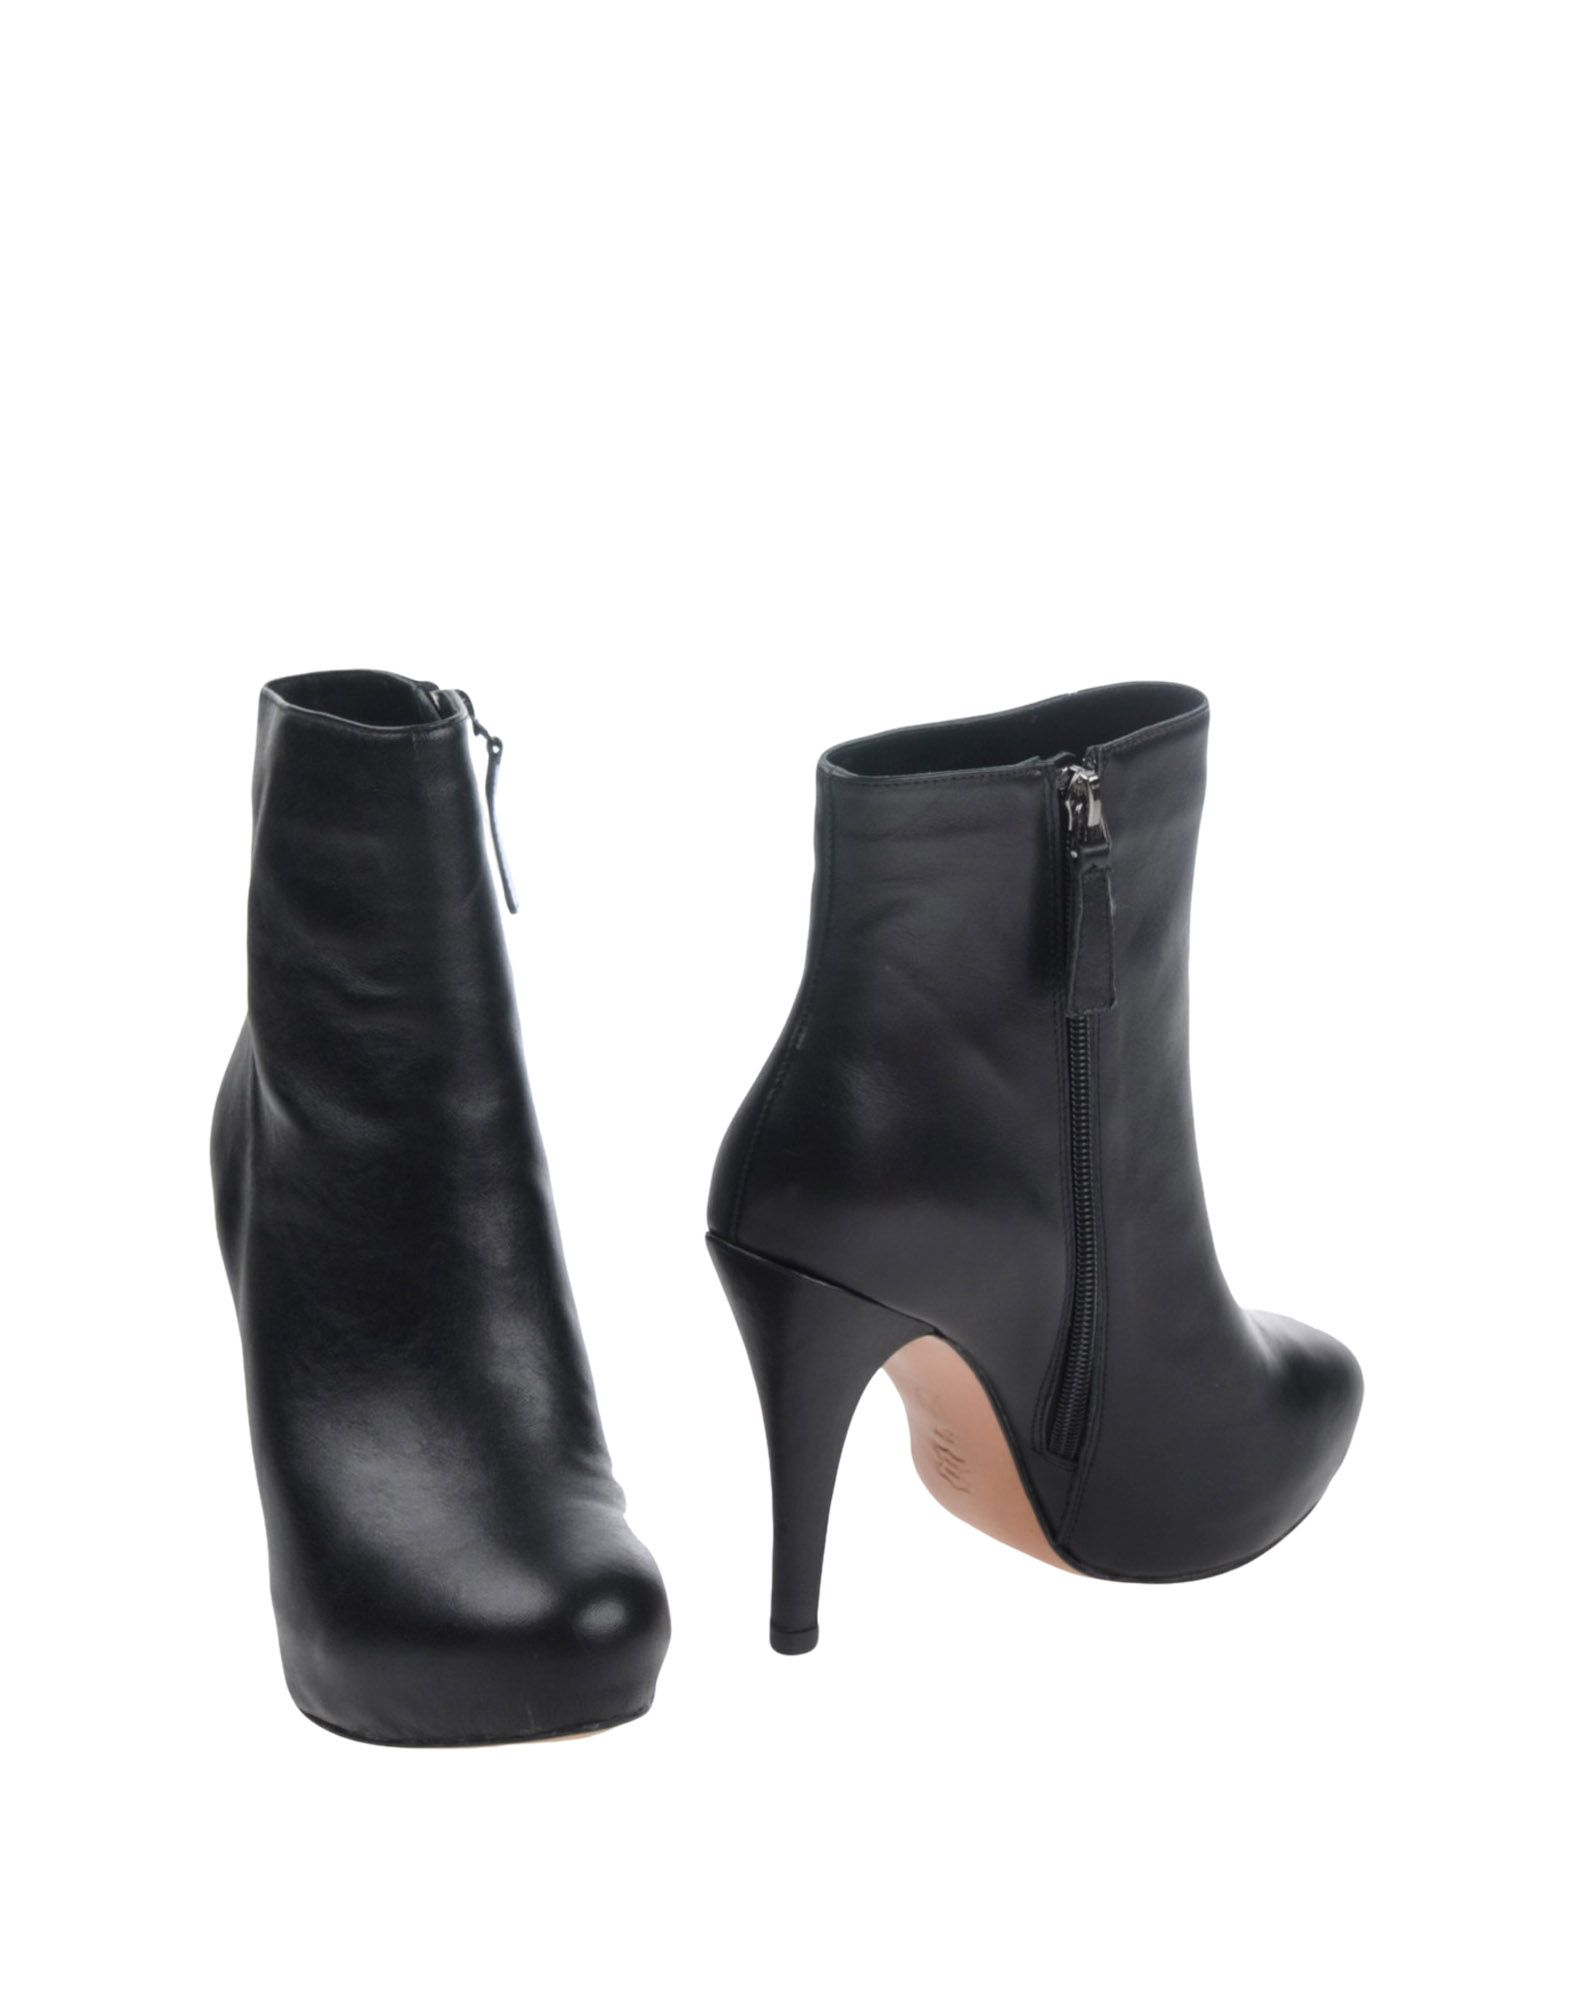 Mi/Mai Stiefelette Damen  11278263MH Gute Qualität beliebte Schuhe